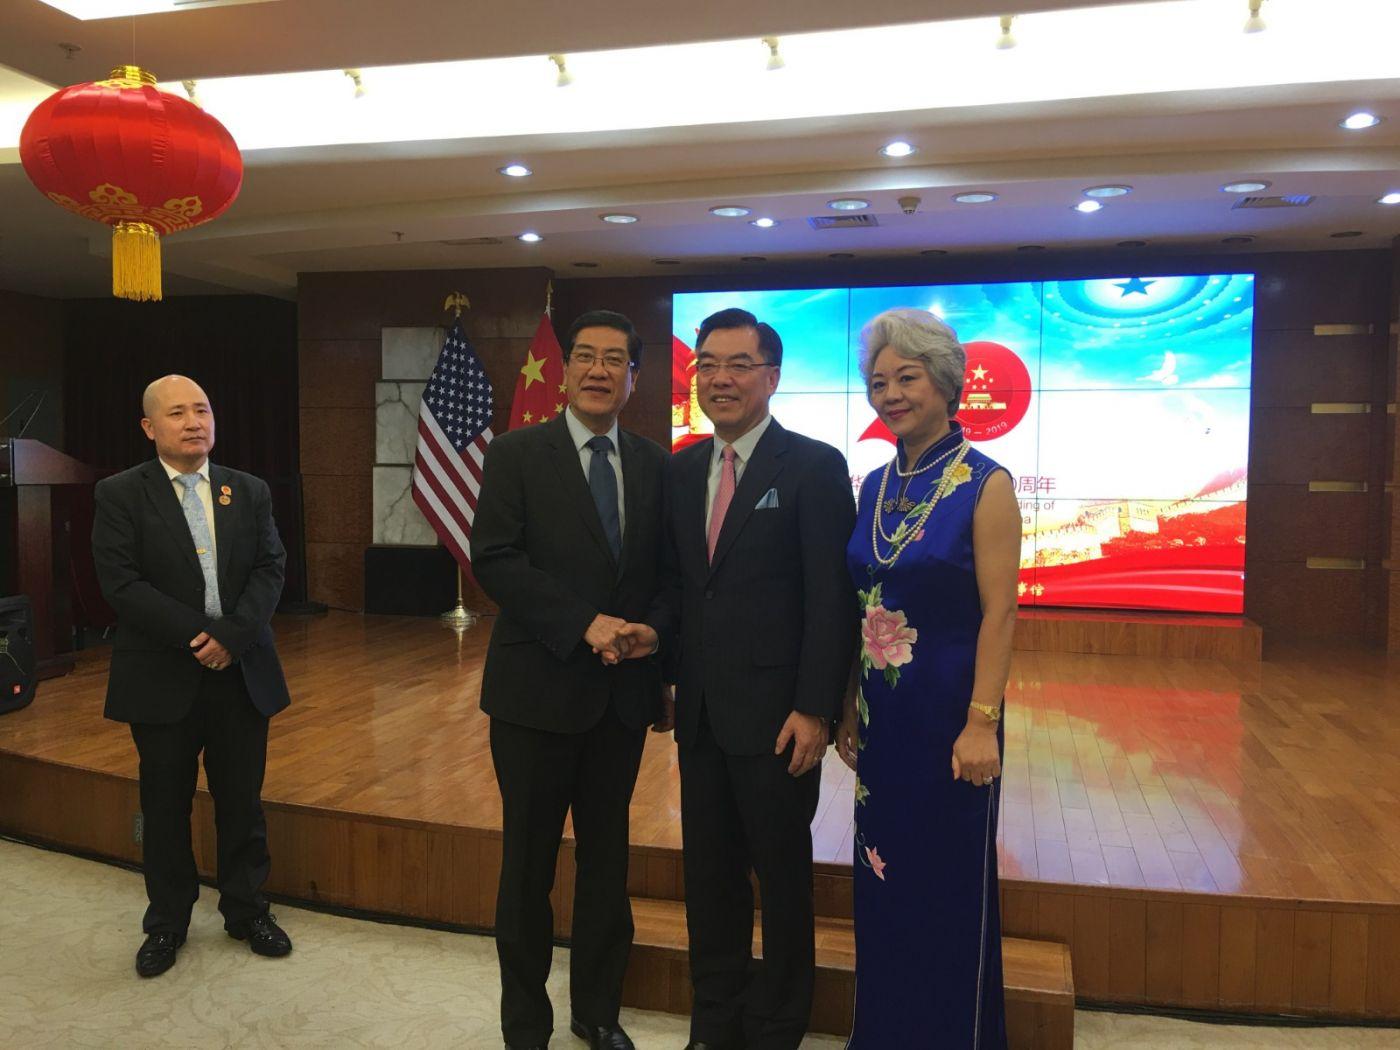 中国驻纽约总领事馆舉辦庆祝建国70周年招待會_图1-30